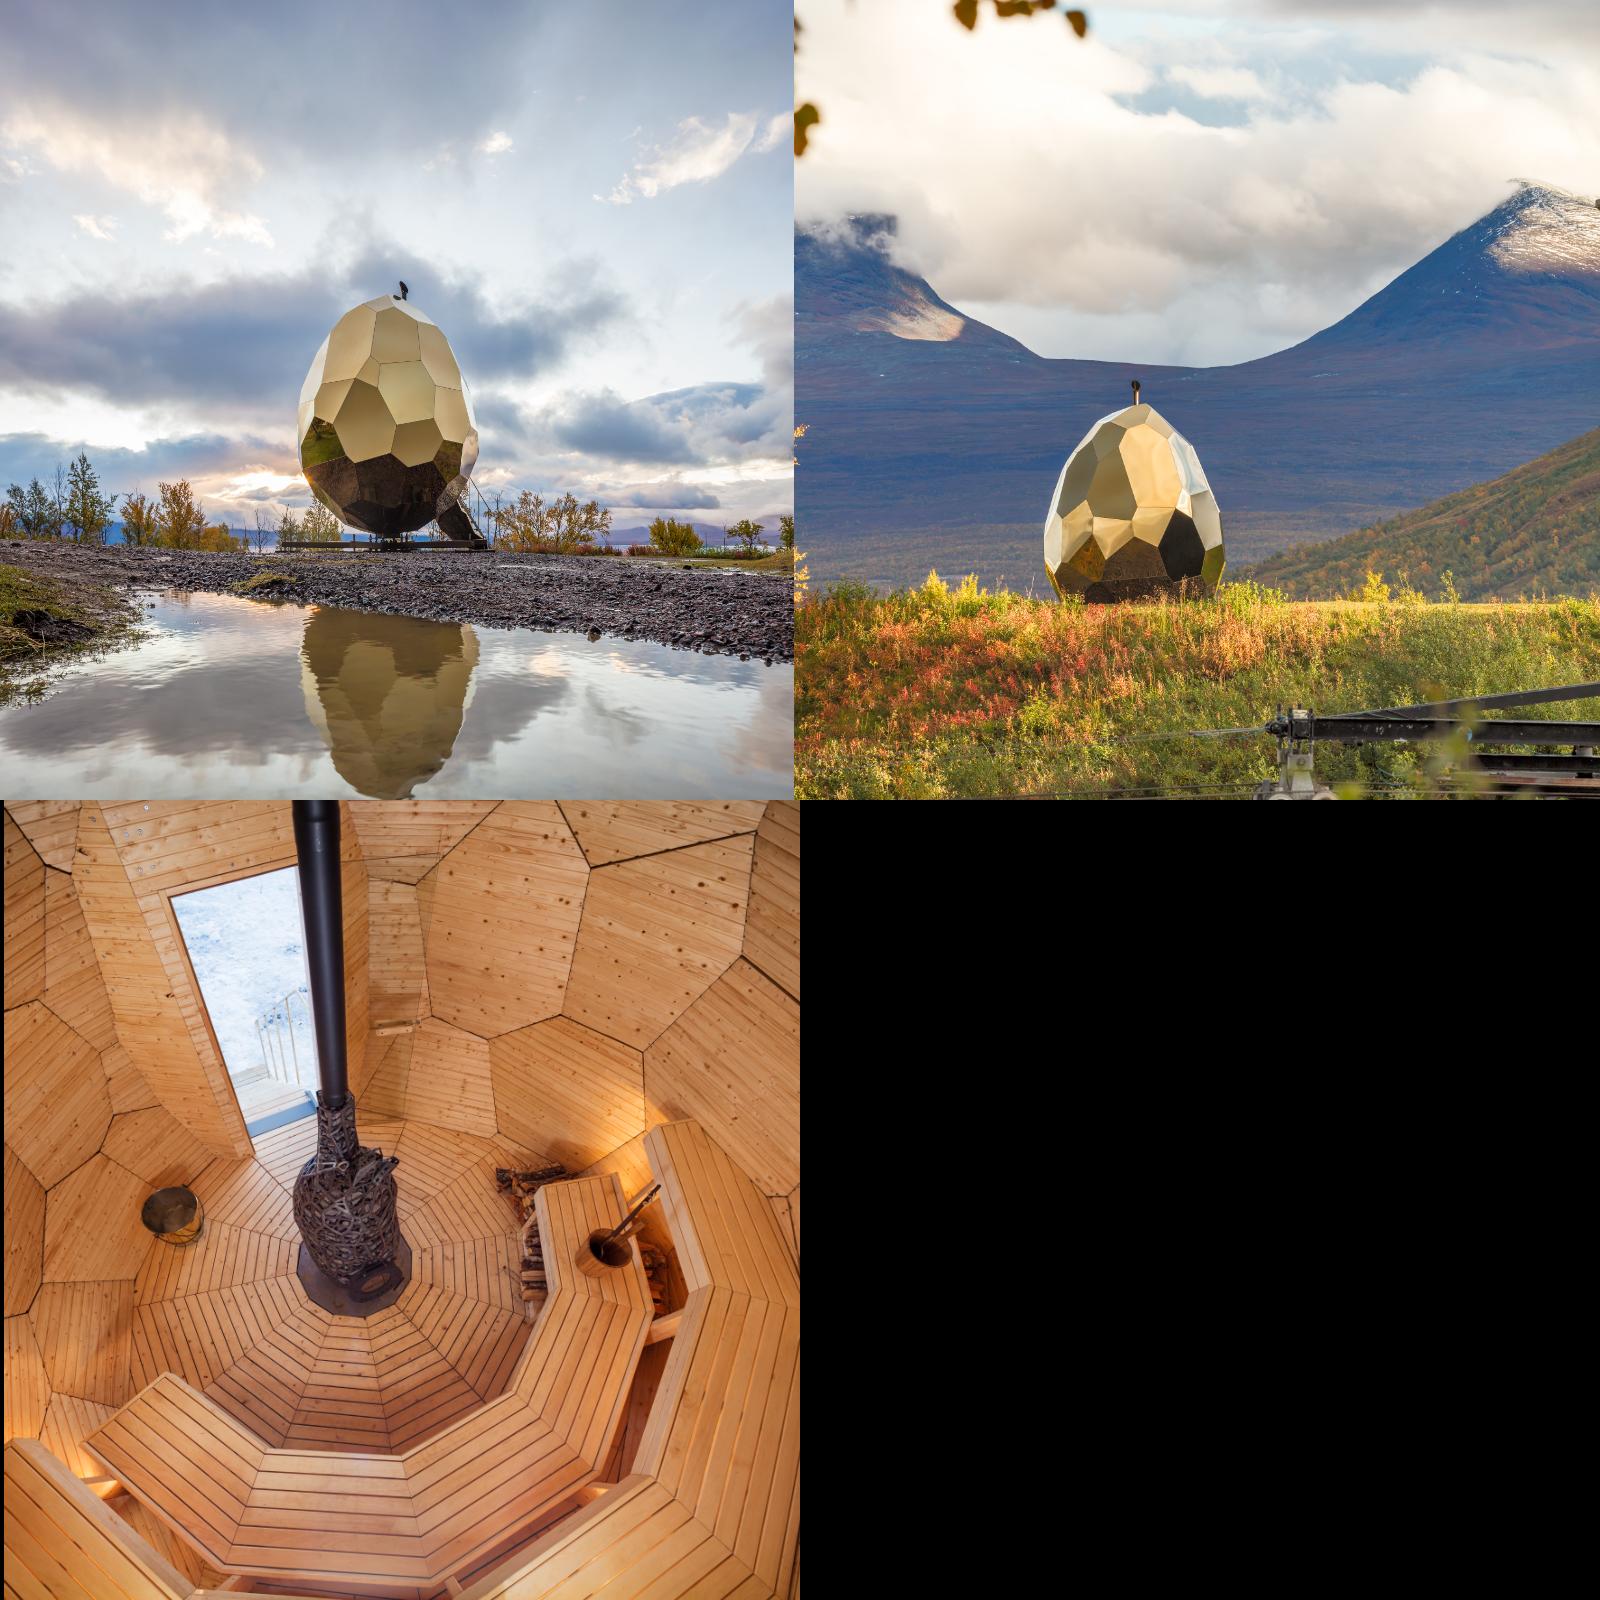 """Den allmänna bastun """"Solar egg"""" konstnärsduon Bigert och Bergström skapade med Futurniture, för Kiruna 2017. Foto: Jean-Baptiste Béranger."""